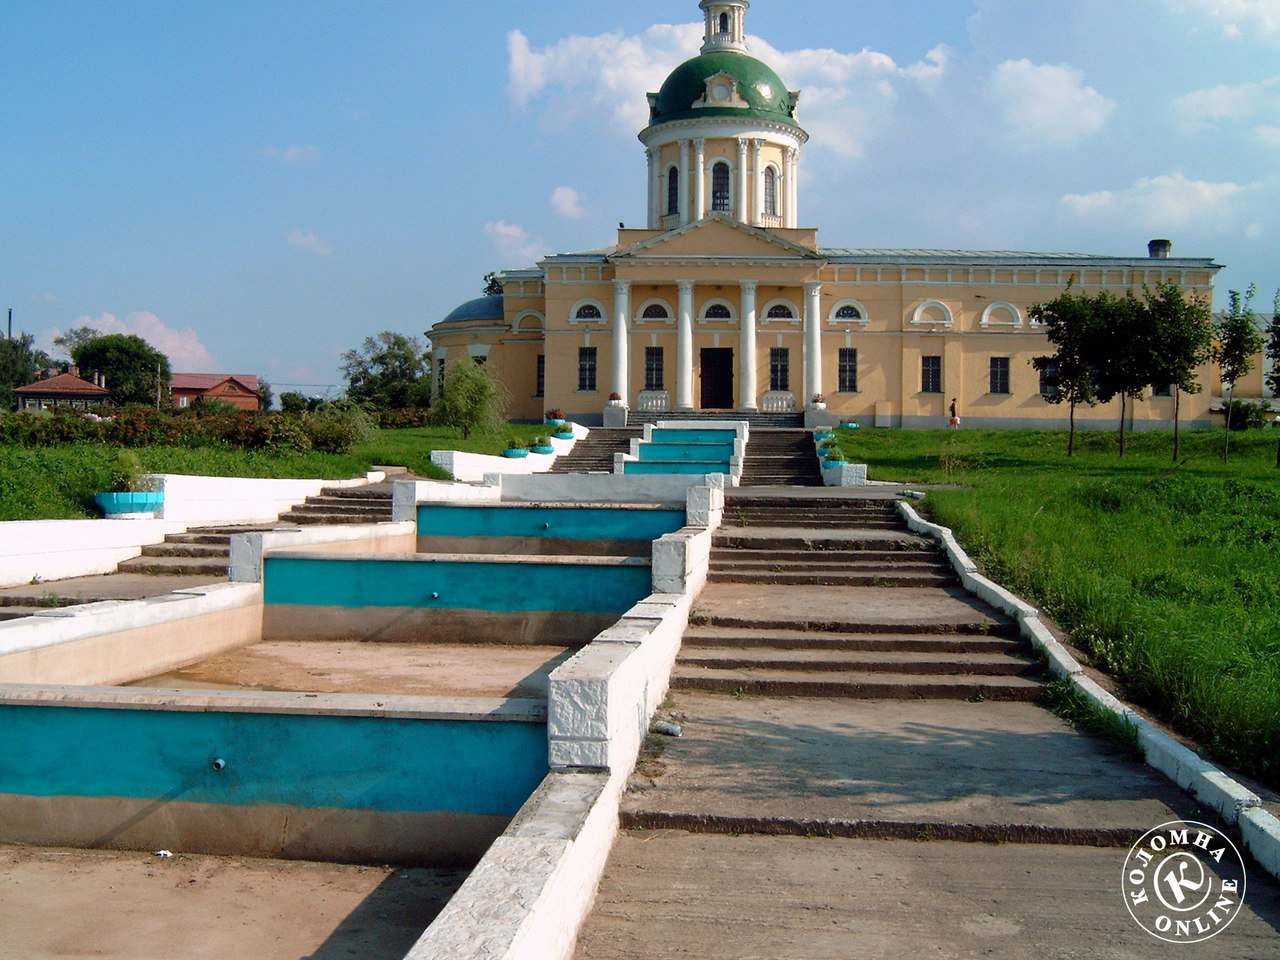 Достопримечательности Коломны: Церковь Михаила Архангела